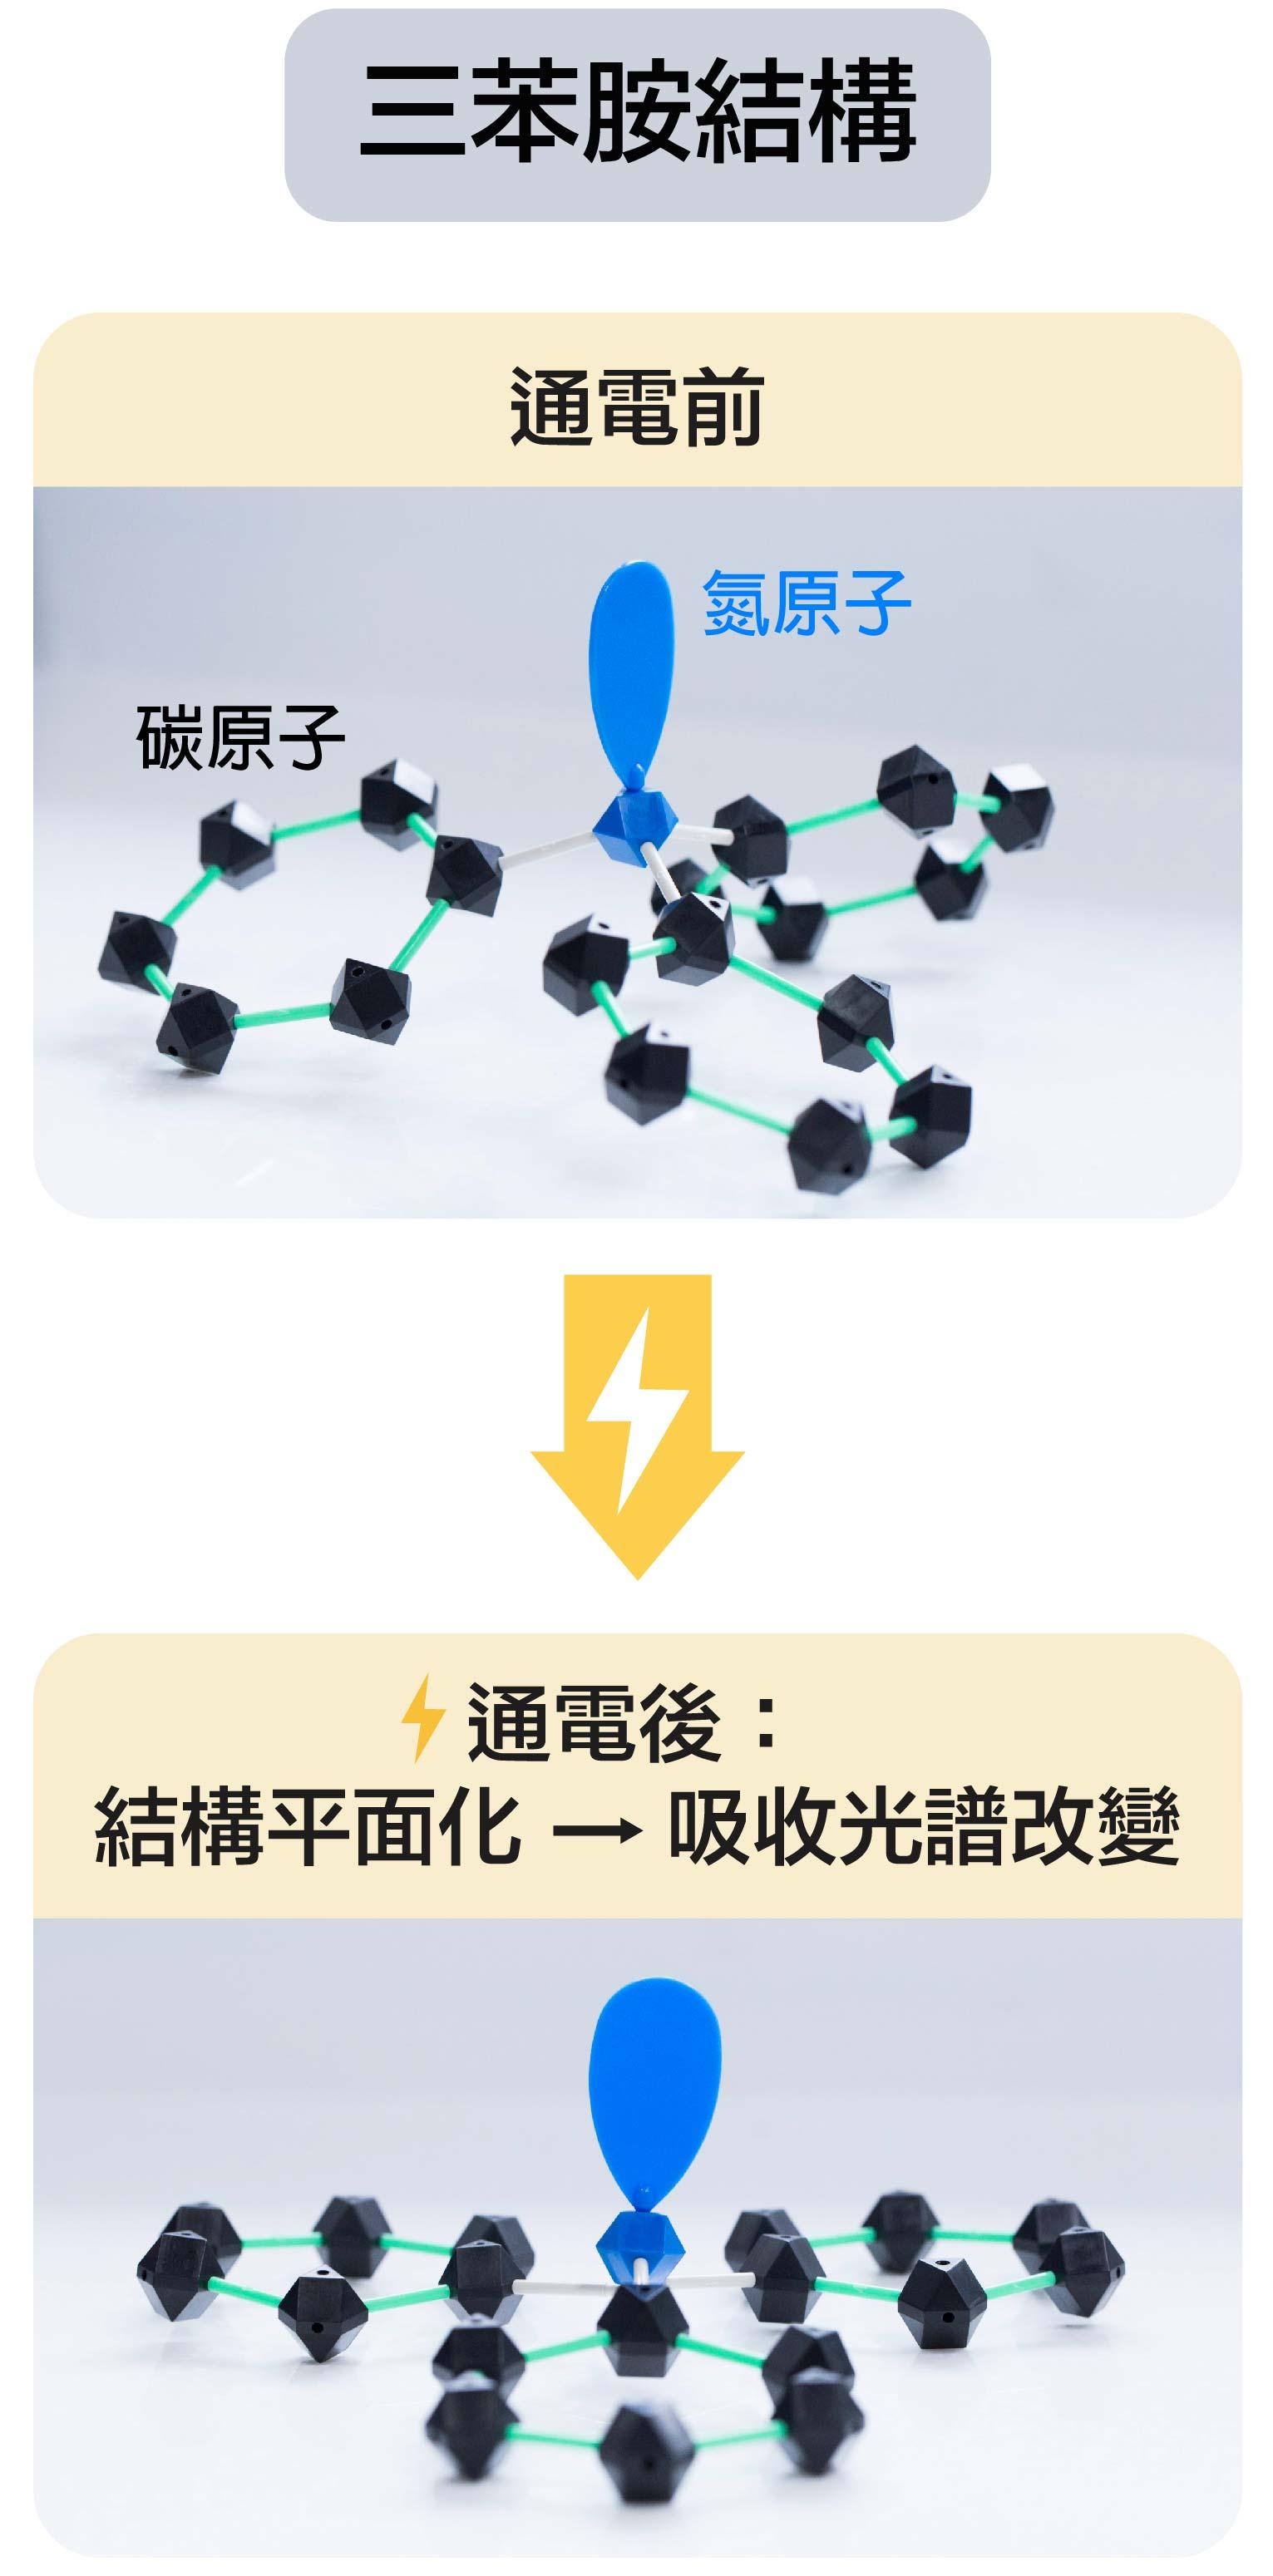 三苯胺結構,通電後的變化。模型示意│顏宏儒 圖說設計│林婷嫻、林洵安